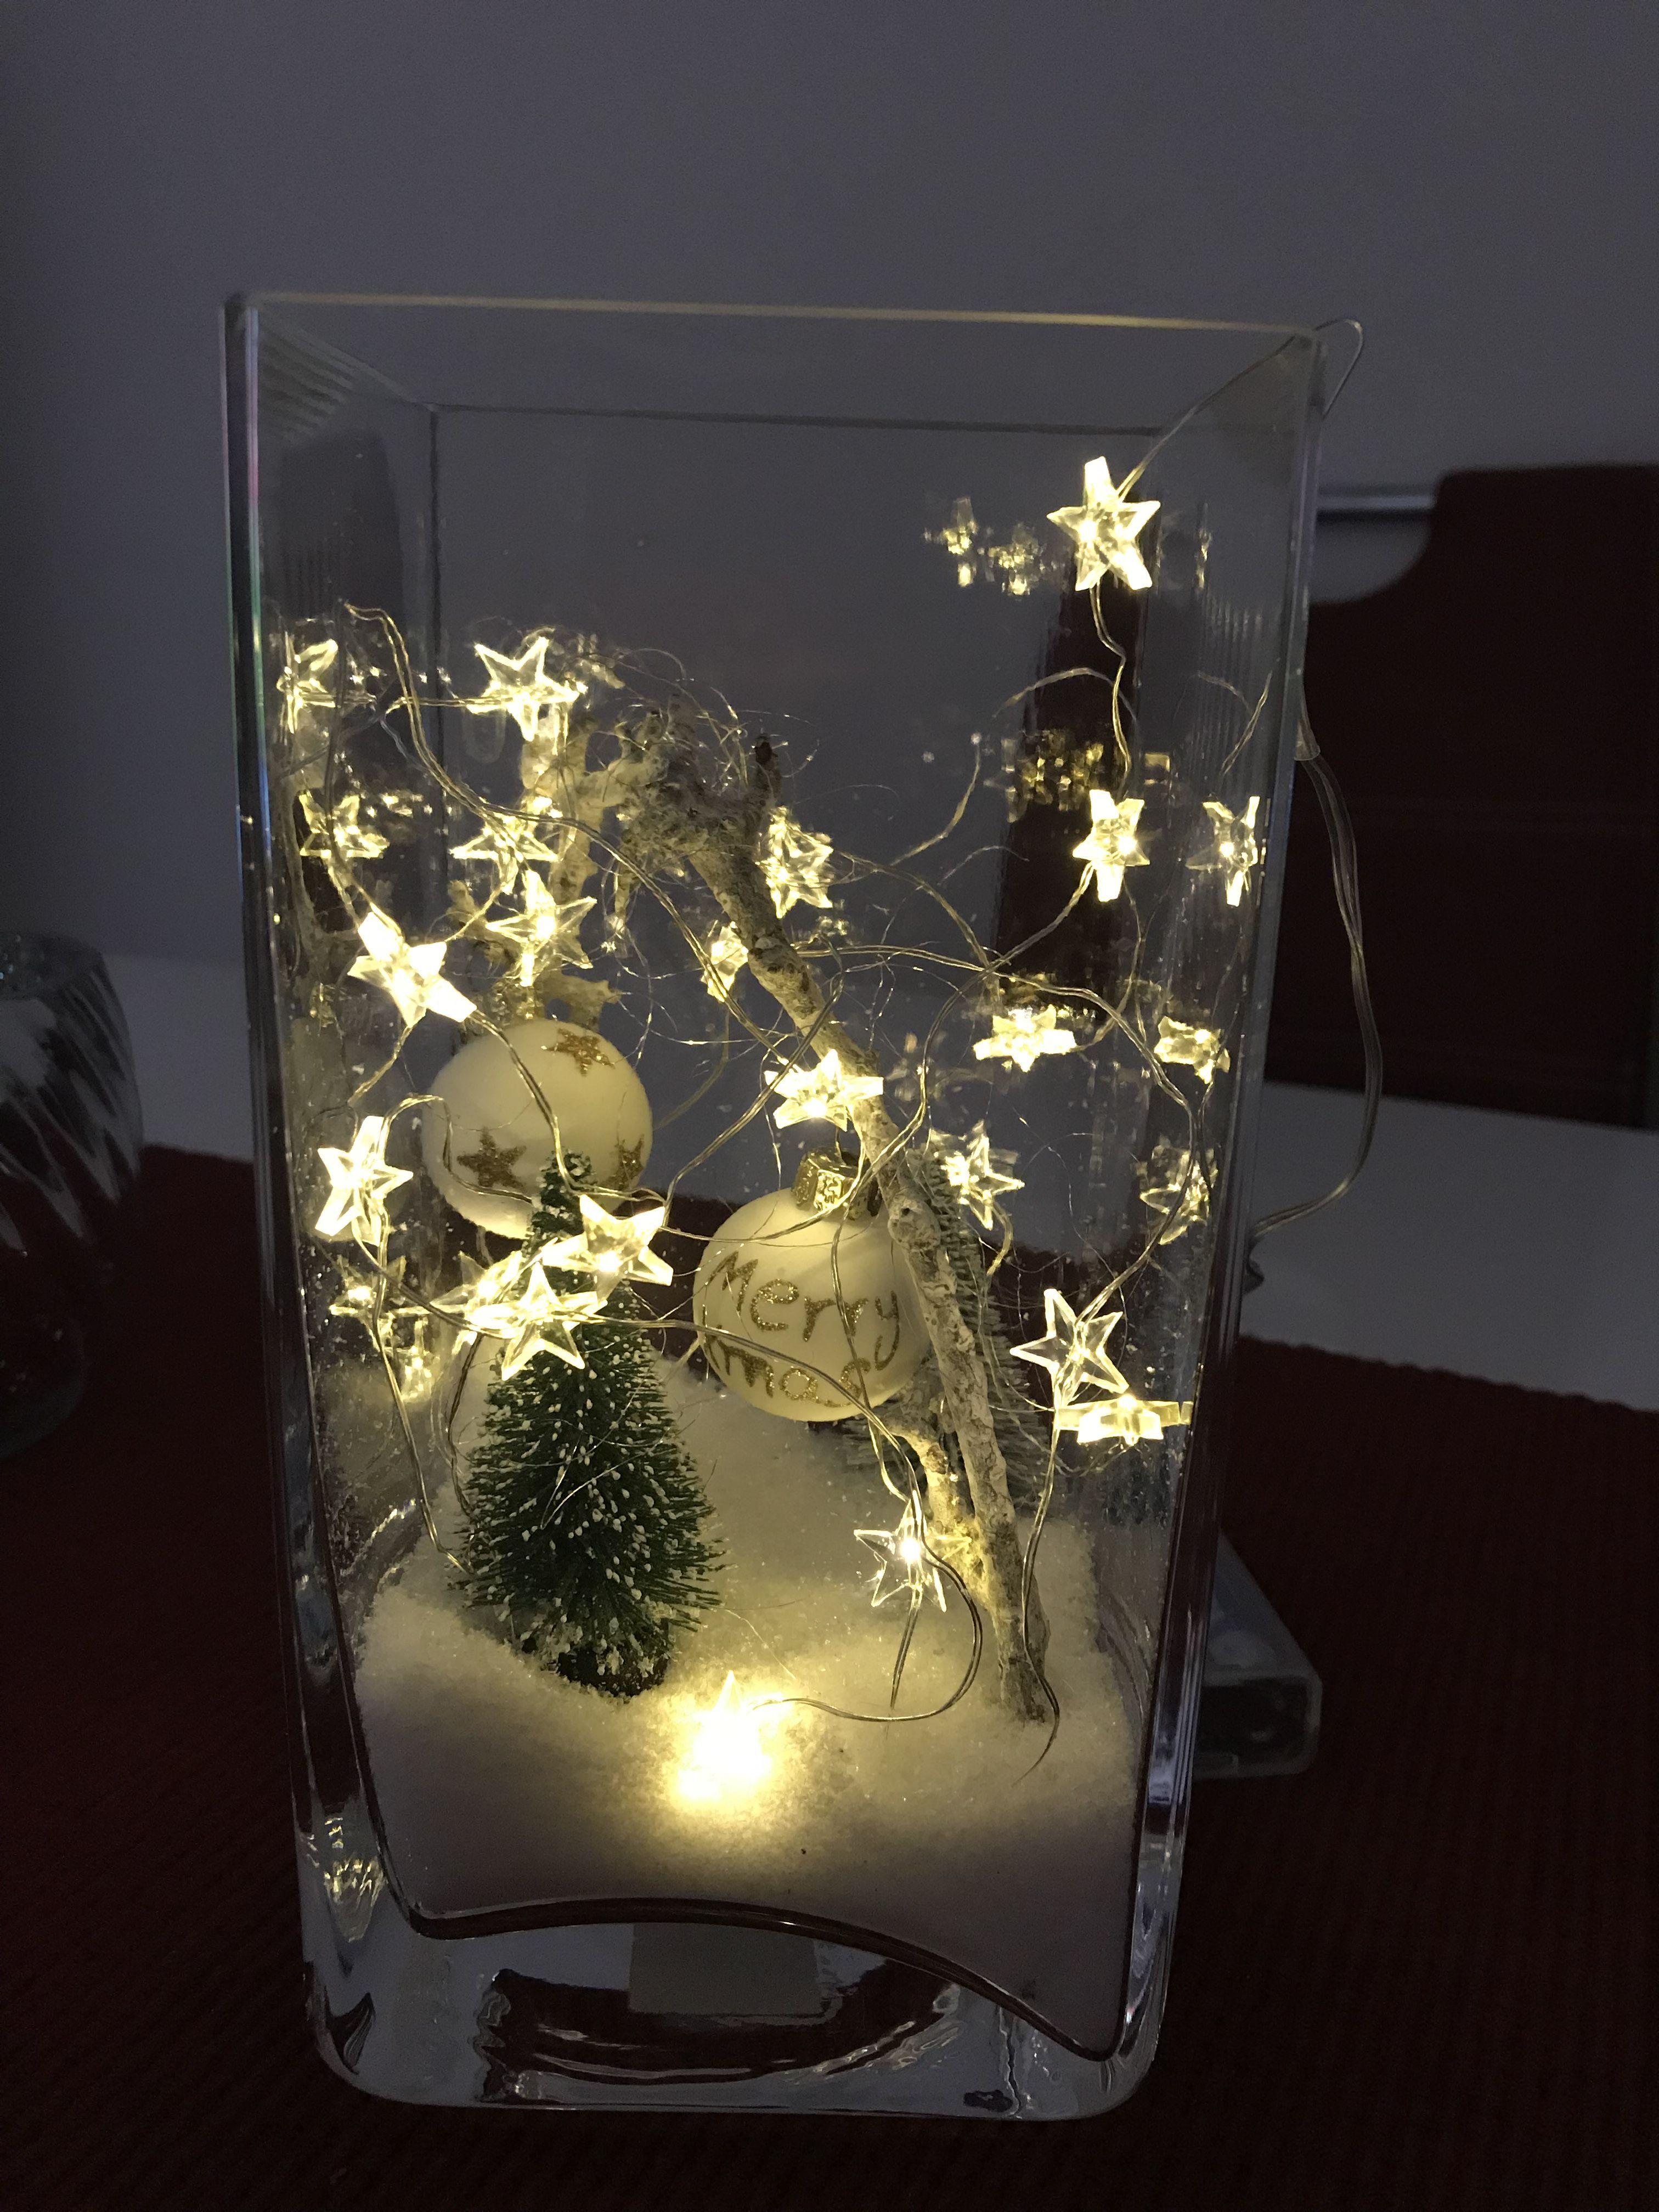 Kerstverlichting In Vaas Weihnachtendekorationtischdekoration Kerstverlichting In Vaas Weihnachten Dekoration Weihnachtsdeko Deko Weihnachtsdekoration